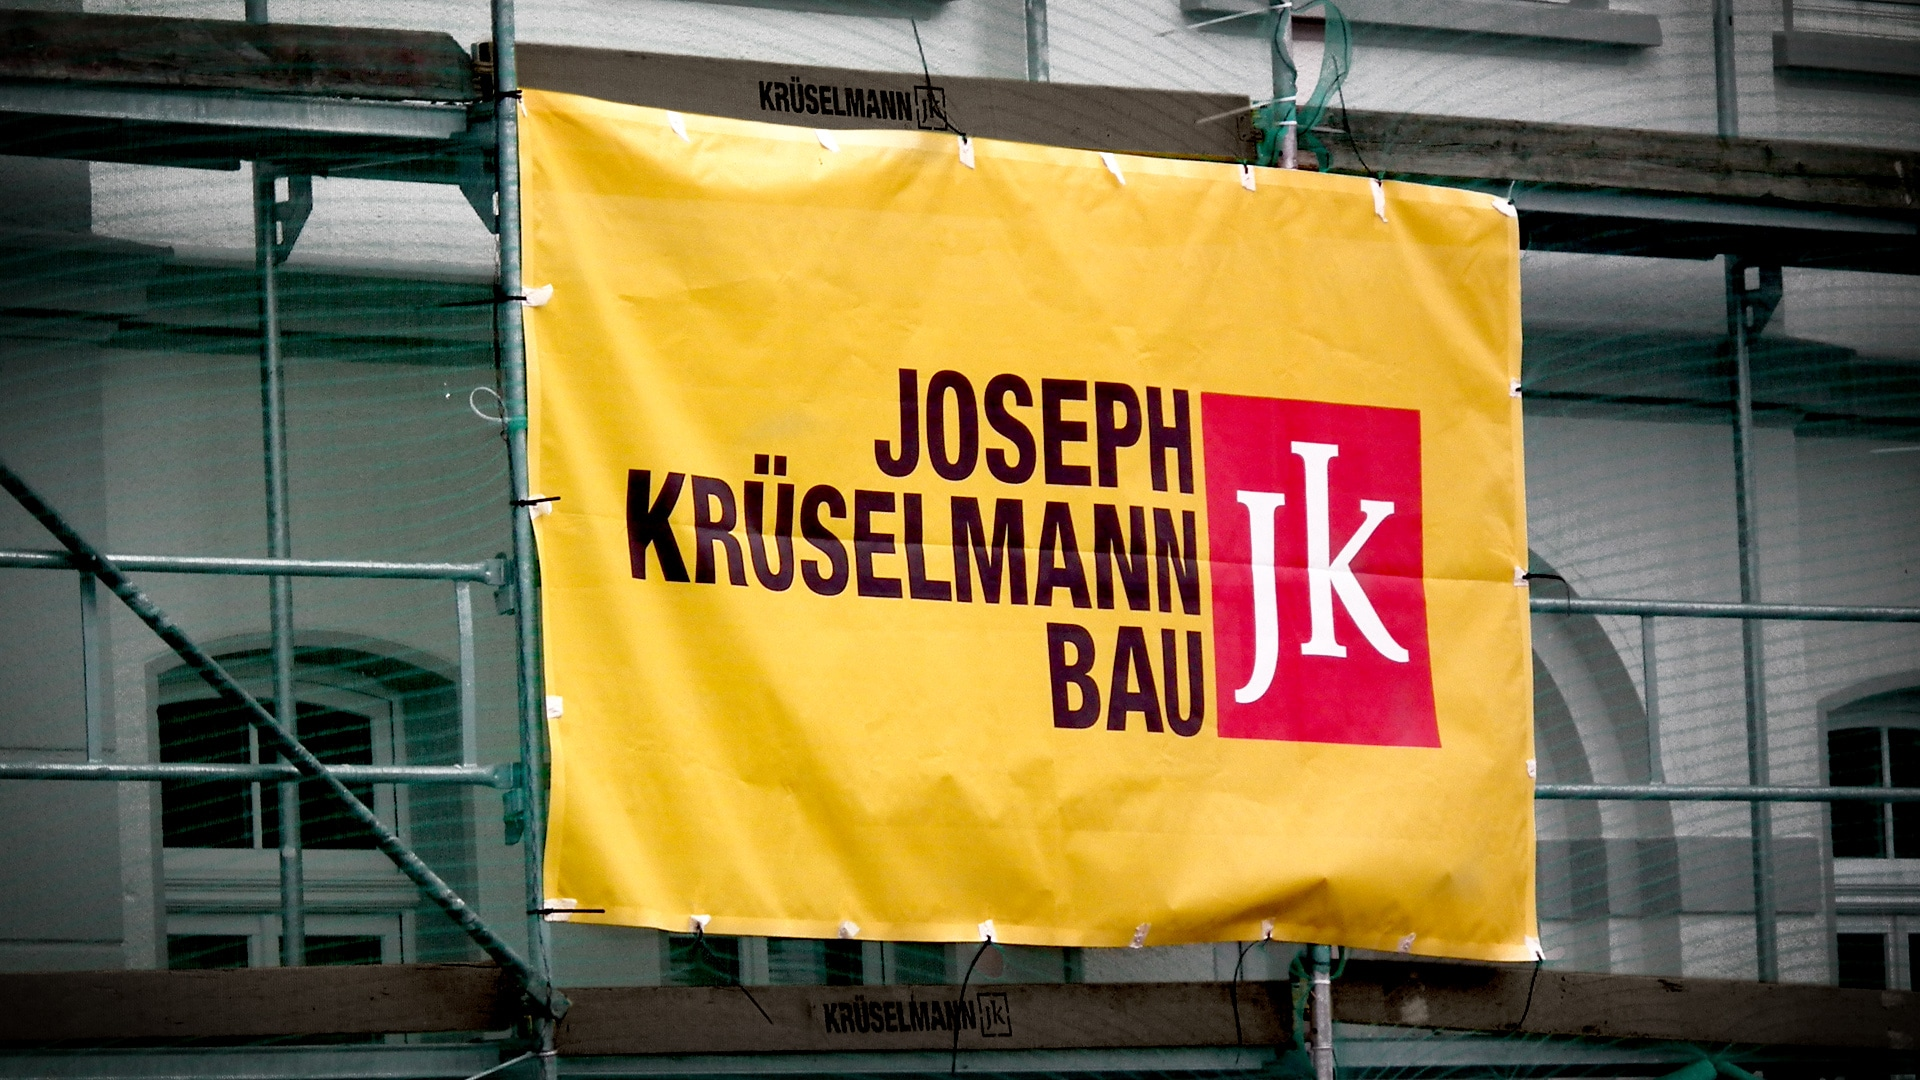 Krueselmann print bauzaun - Markenauftritt mit Charakter für eine Marke mit Persönlichkeit – Corporate Design, Logoentwicklung, Grafikdesign, Webdesign, Kommunikationsdesign, Branding, Markenentwicklung, Werbetechnik